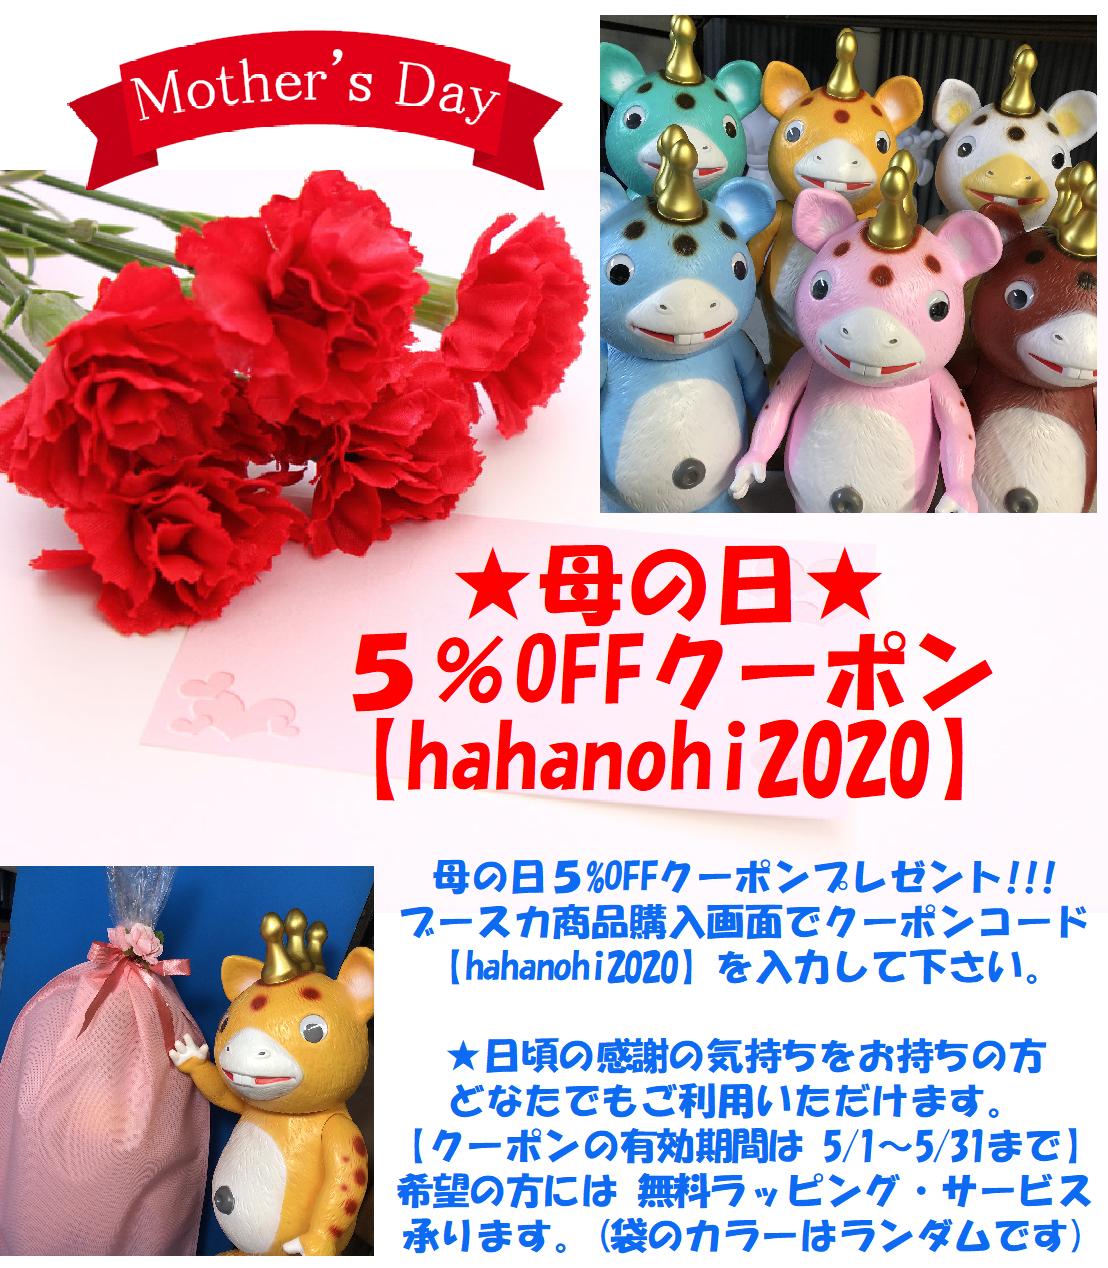 『母の日』サプライズ 5% OFF クーポンプレゼント!!!